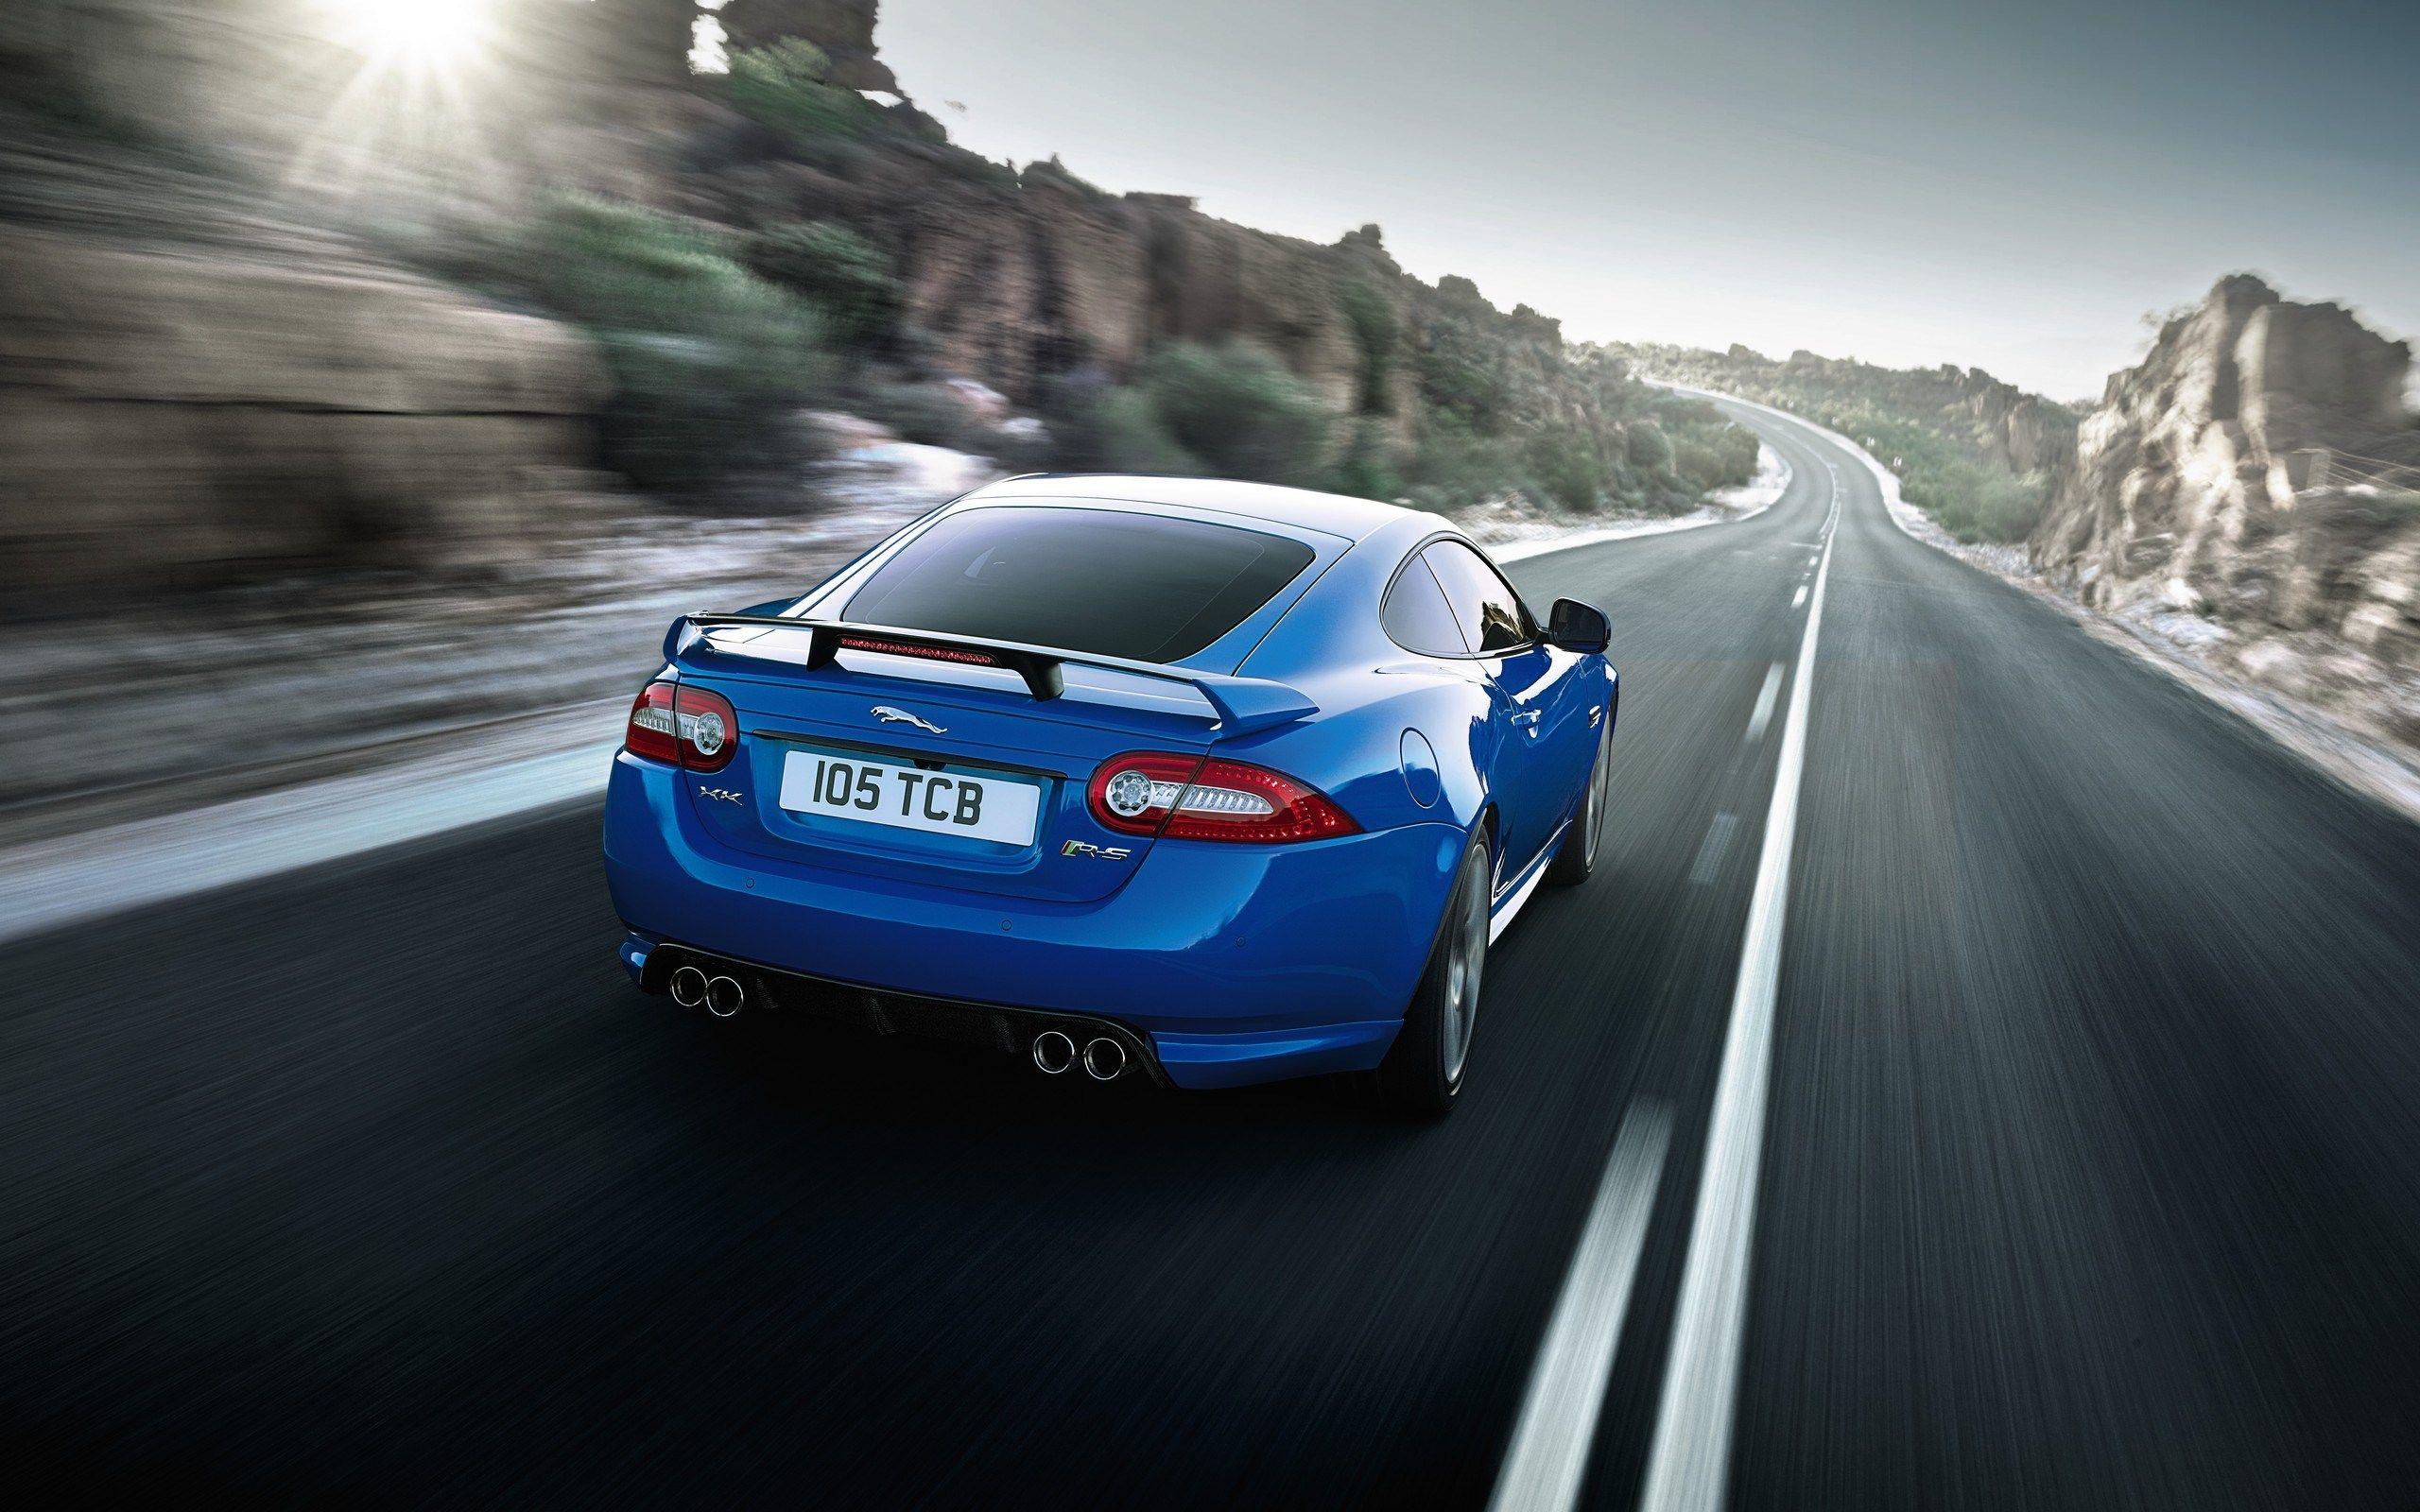 2560x1600 Image For Desktop Jaguar Car Hd Hd Wallpapers 1080p Car